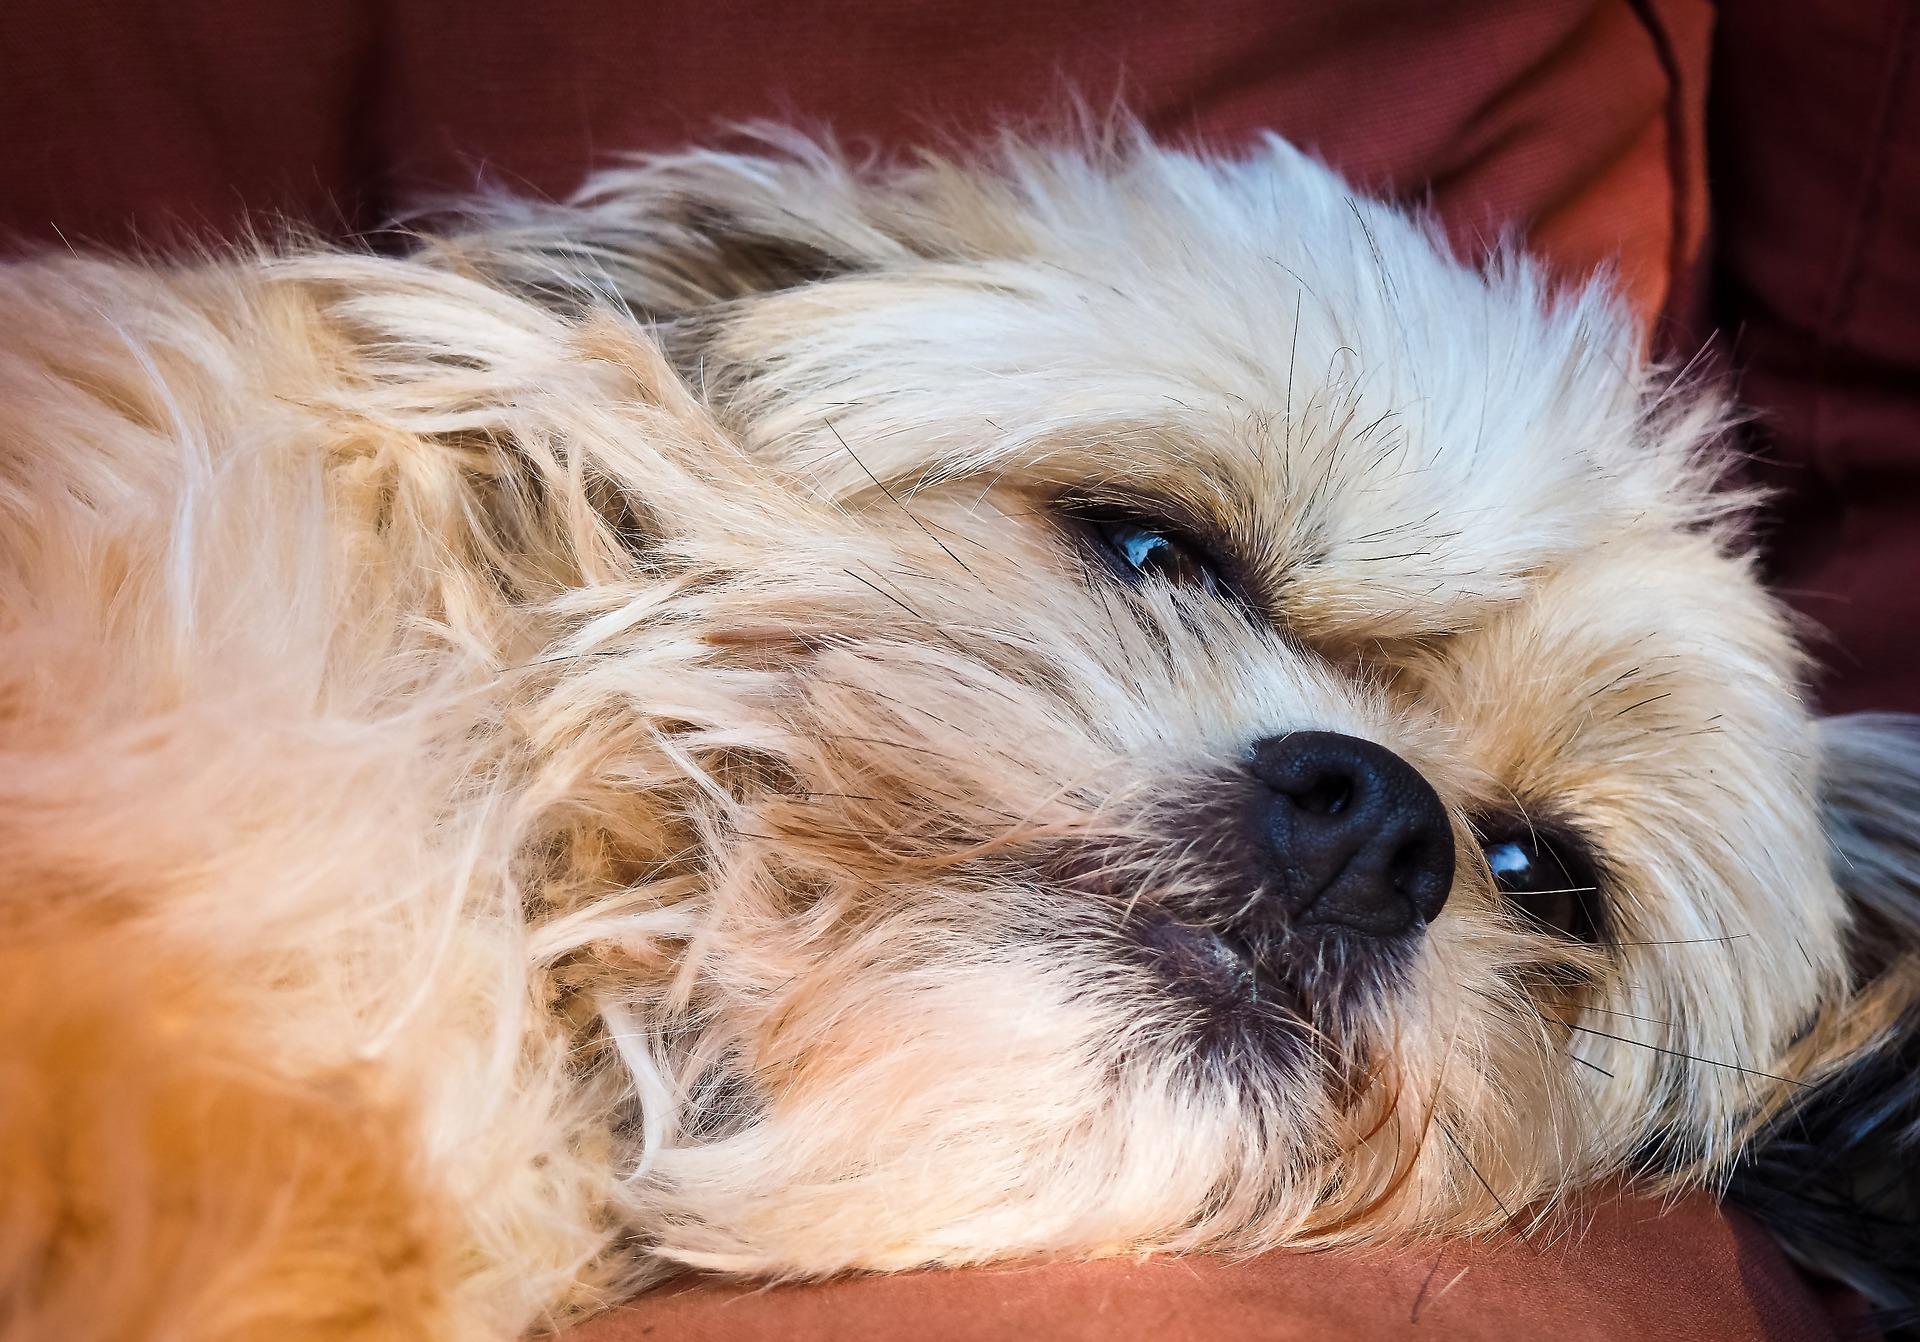 σκύλος, Κατοικίδιο ζώο, φίλος, Χαλαρώστε, κουρασμένος - Wallpapers HD - Professor-falken.com